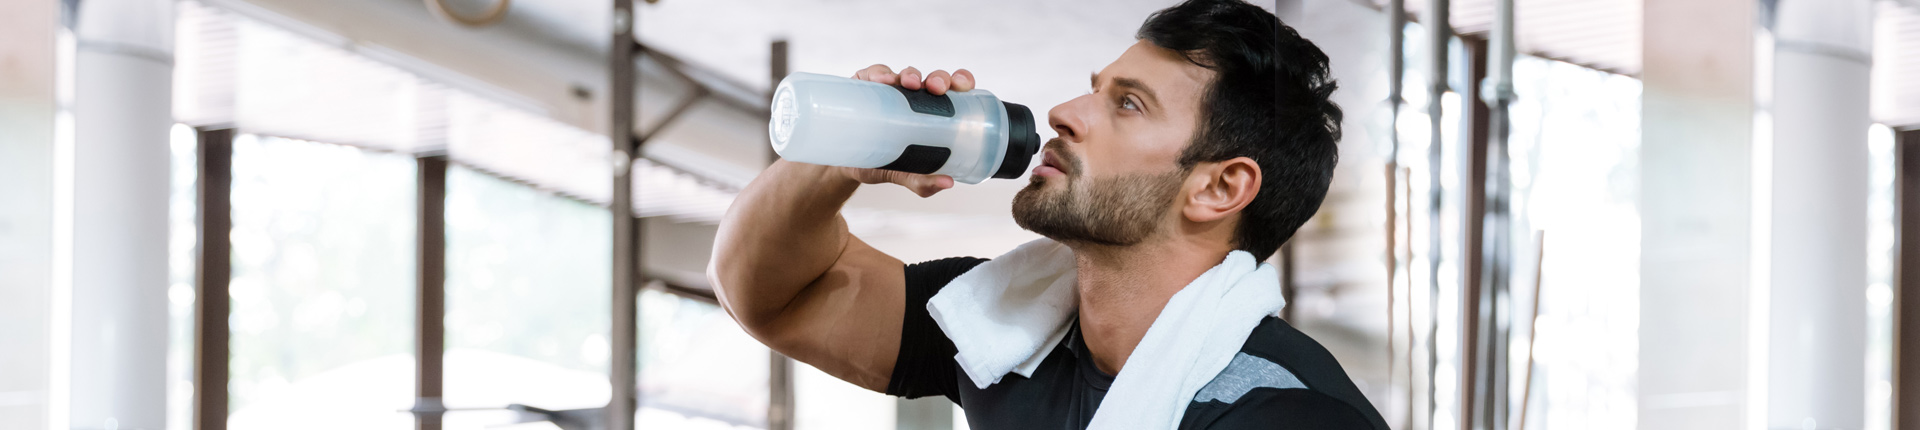 Woda, znaczenie dla pompy i siły mięśniowej